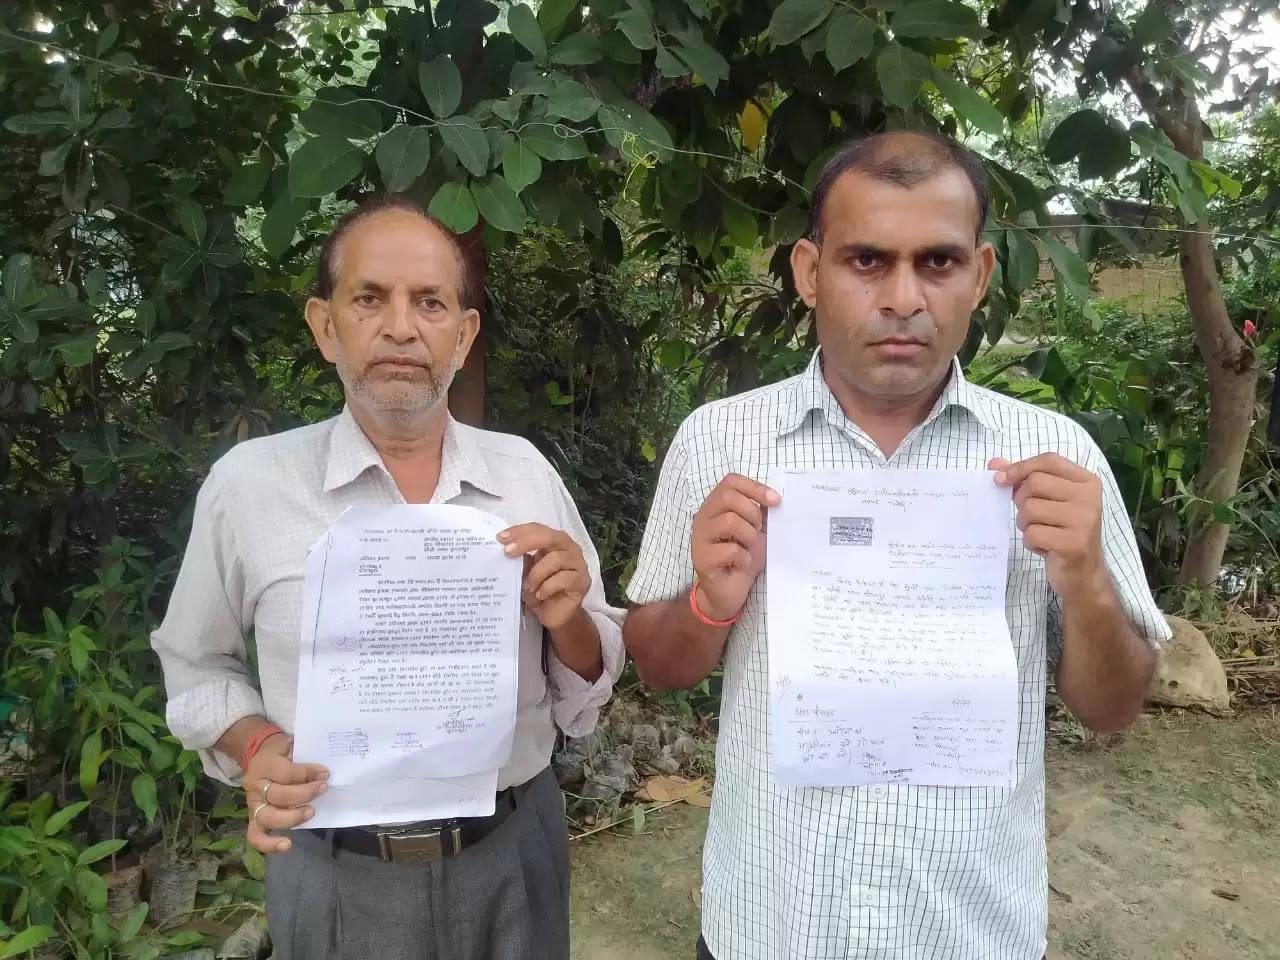 जनपद अमेठी के थाना पीपरपुर की पुलिस नही मानती न्यायालय का आदेश